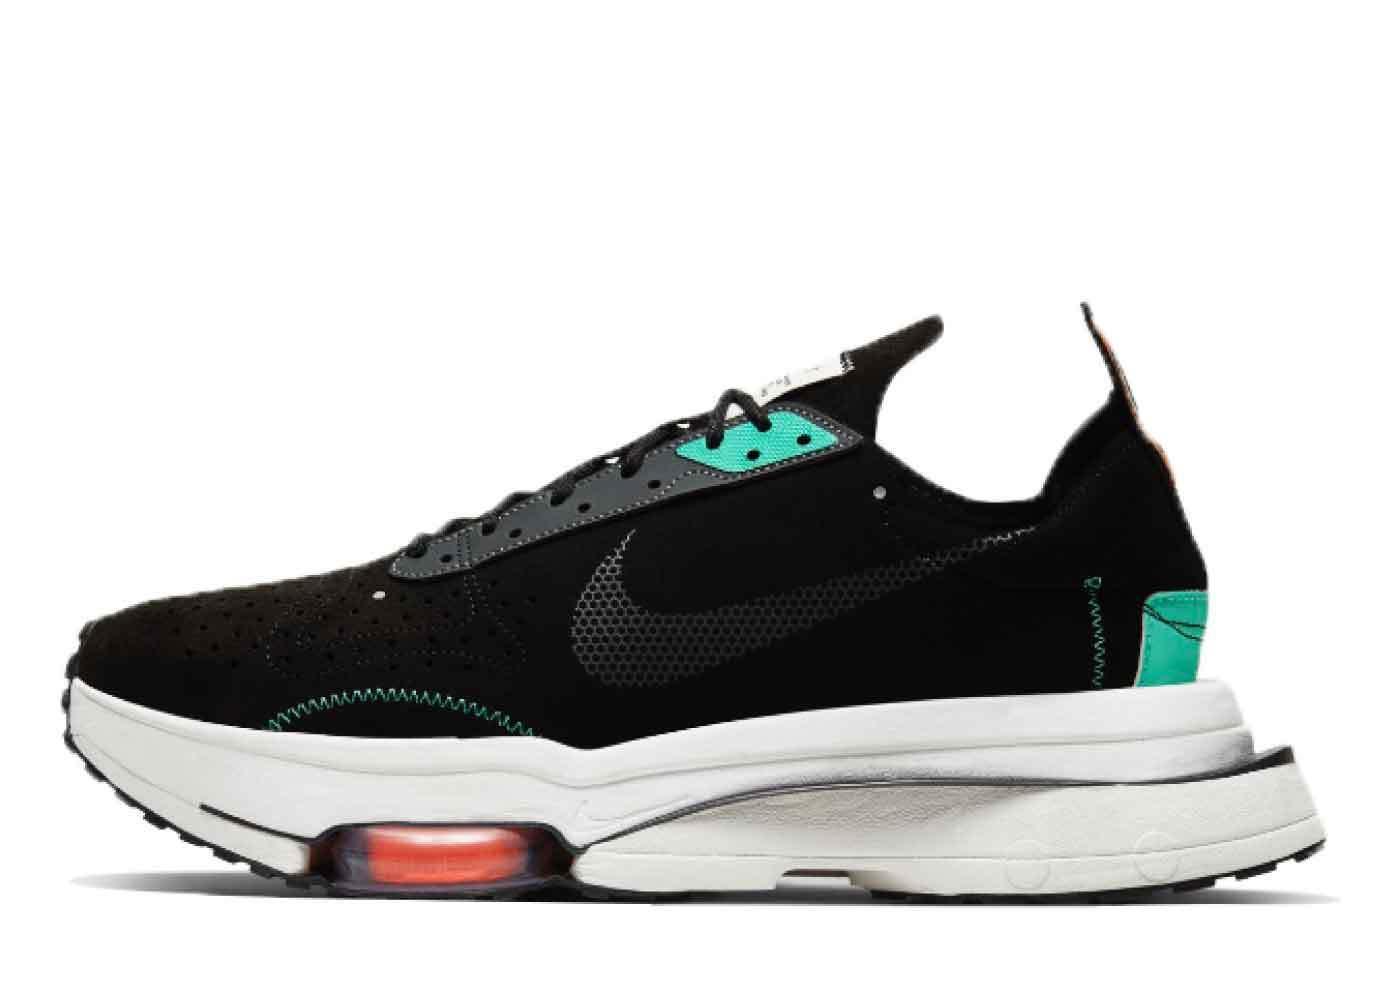 Nike Air Zoom Type Black Mentaの写真